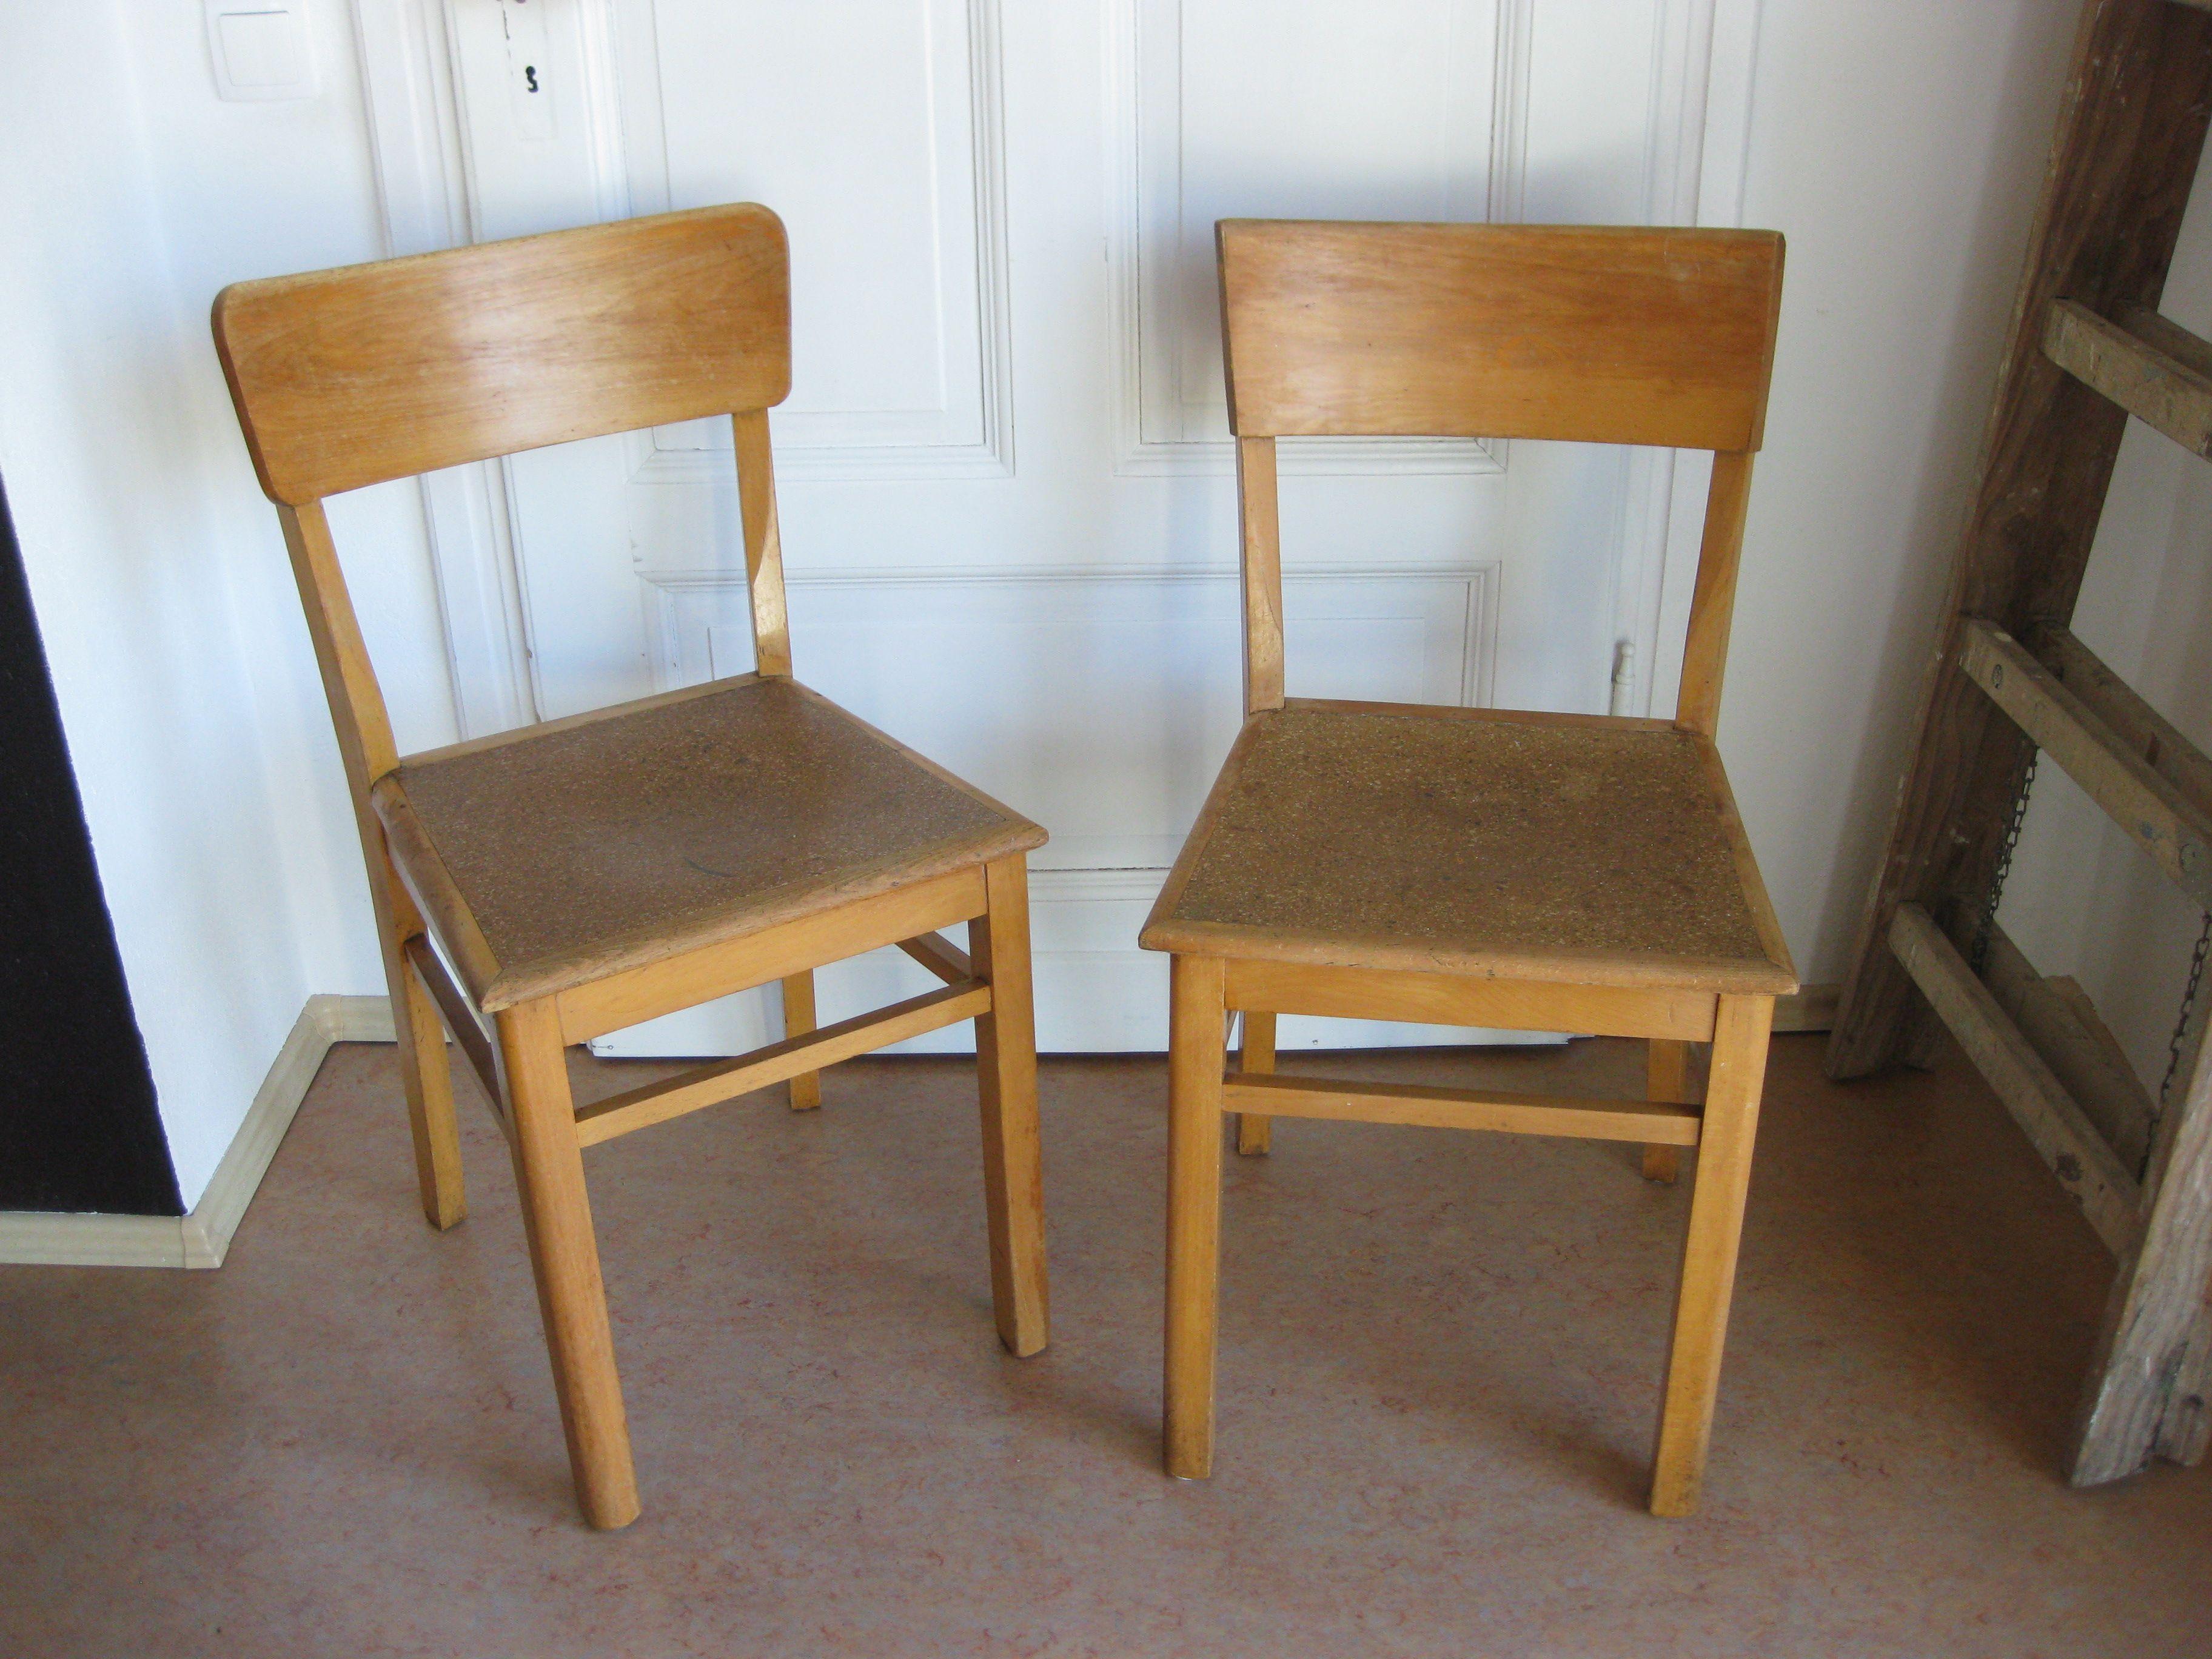 30er 40er Jahre Kuchenstuhle Mit Linoleum Sitzflache Holzstuhle Kuchenstuhle Stuhle